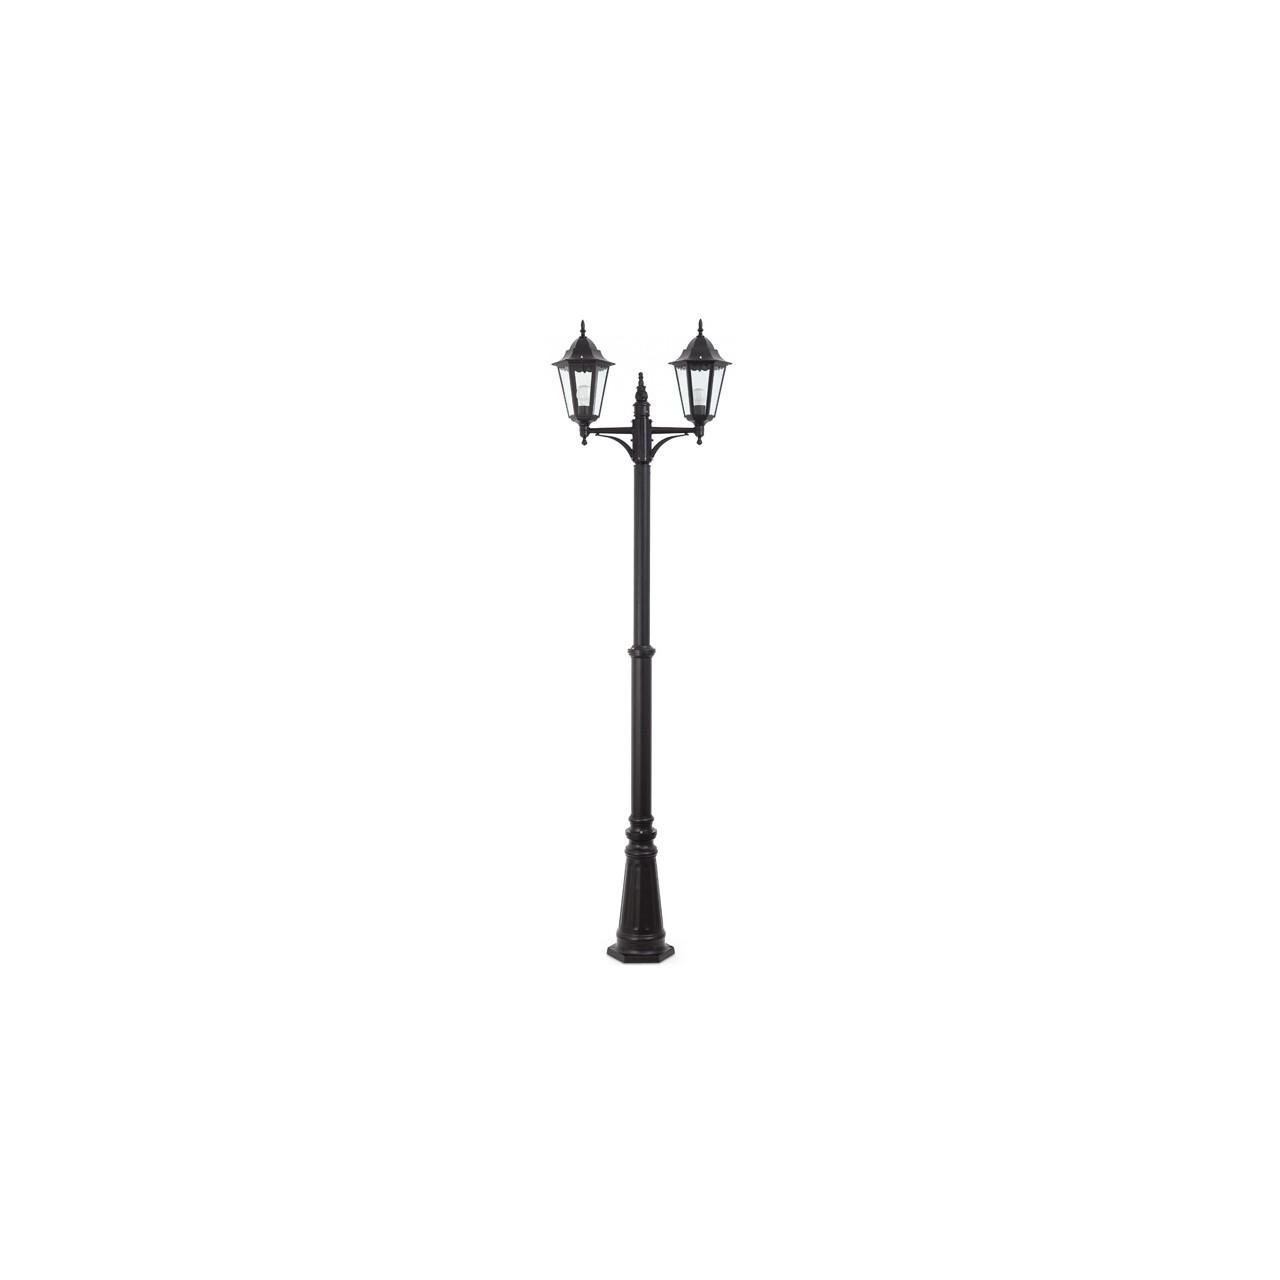 PARIS Black pole lamp